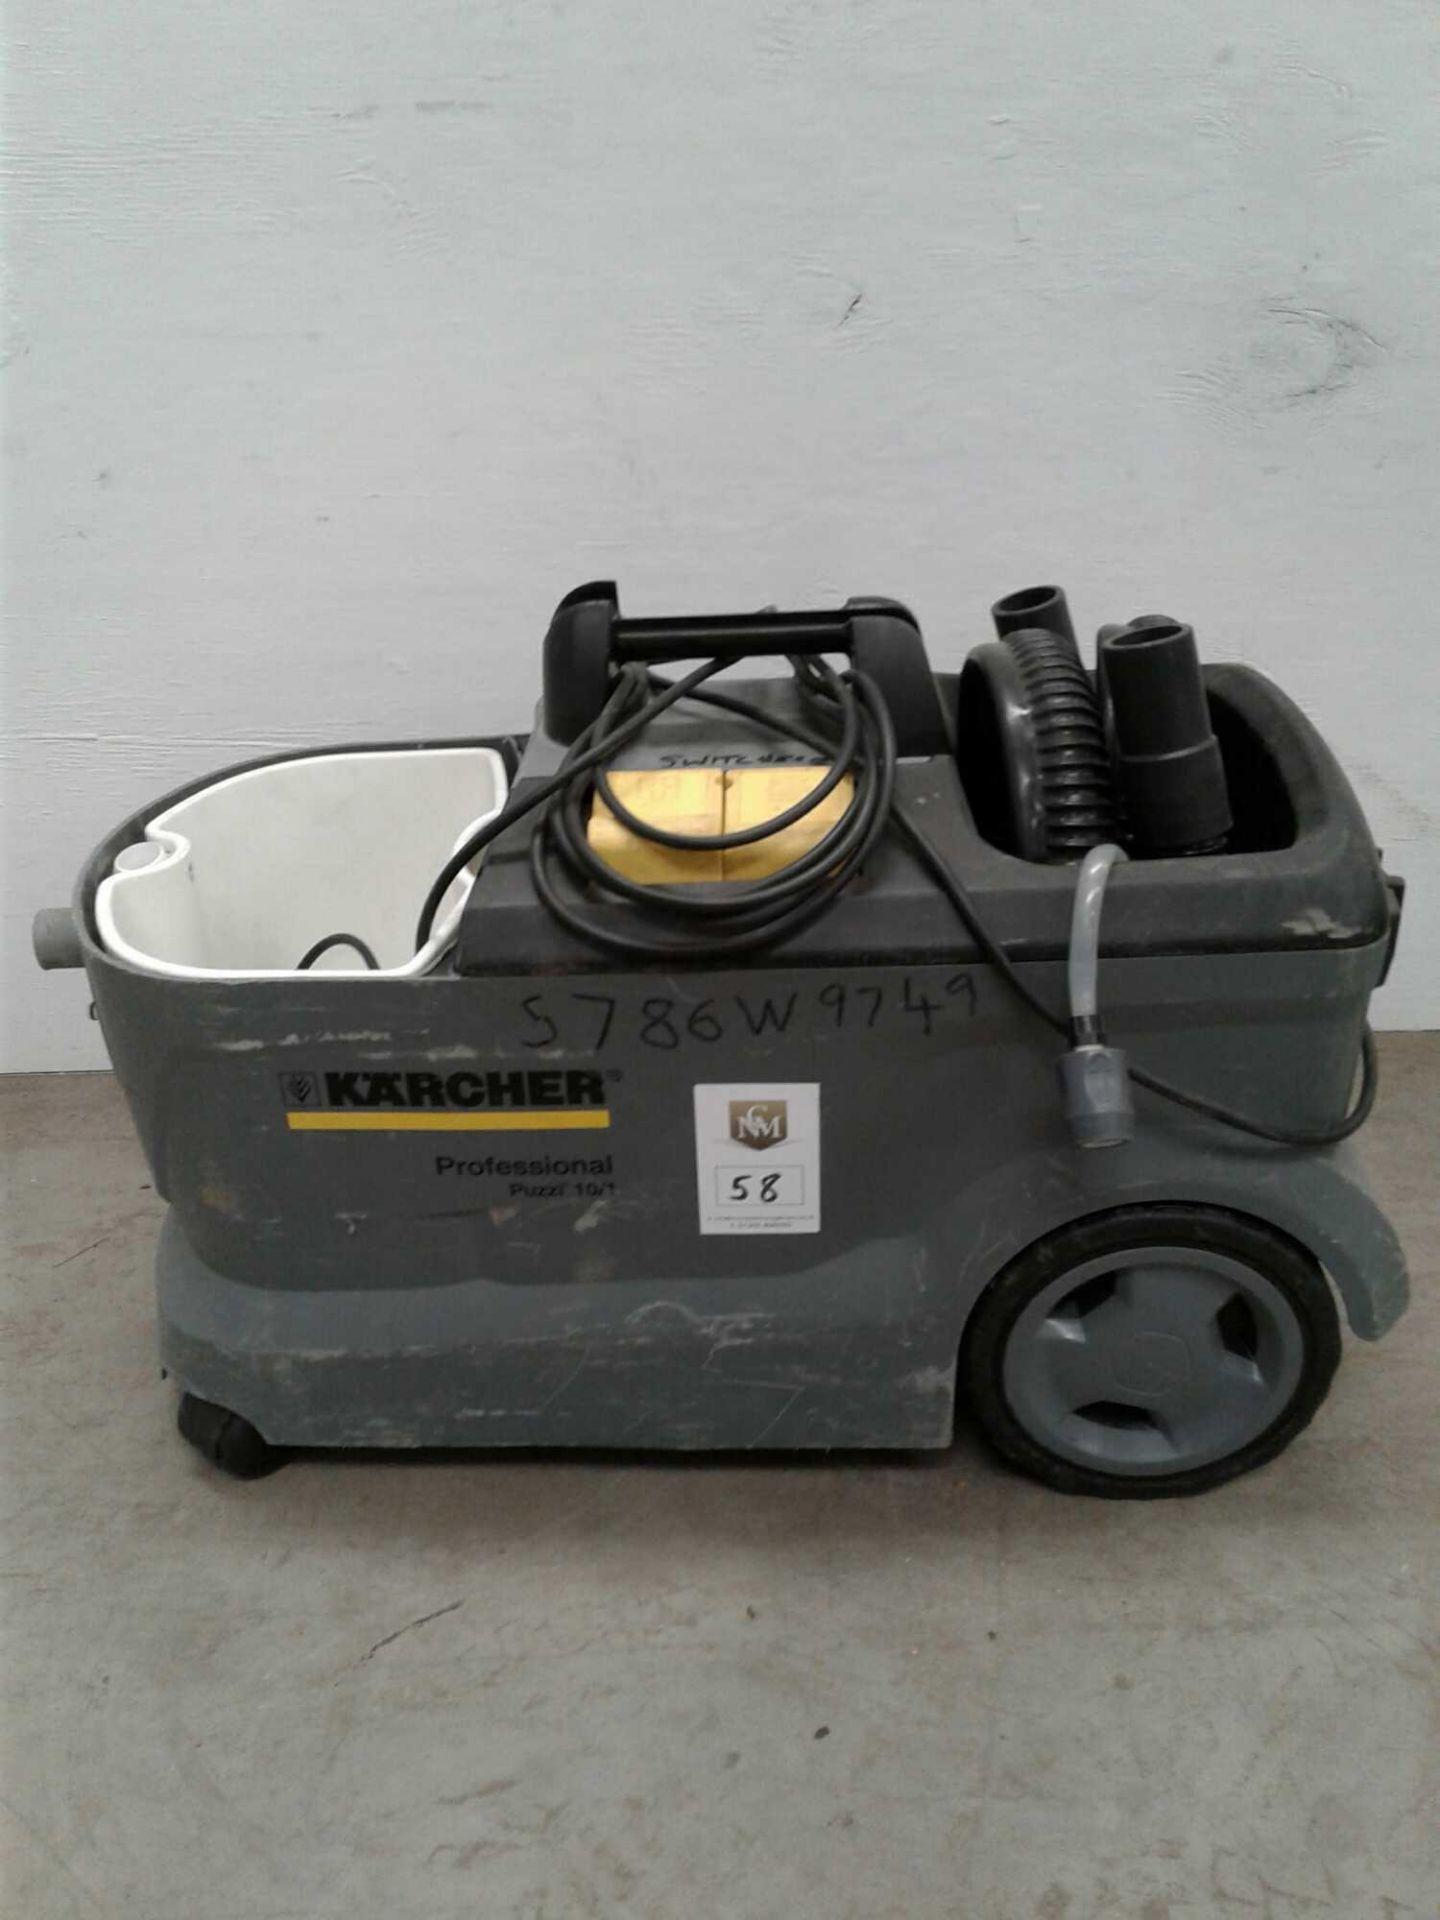 Lot 58 - Karcher carpet cleaner 230 V